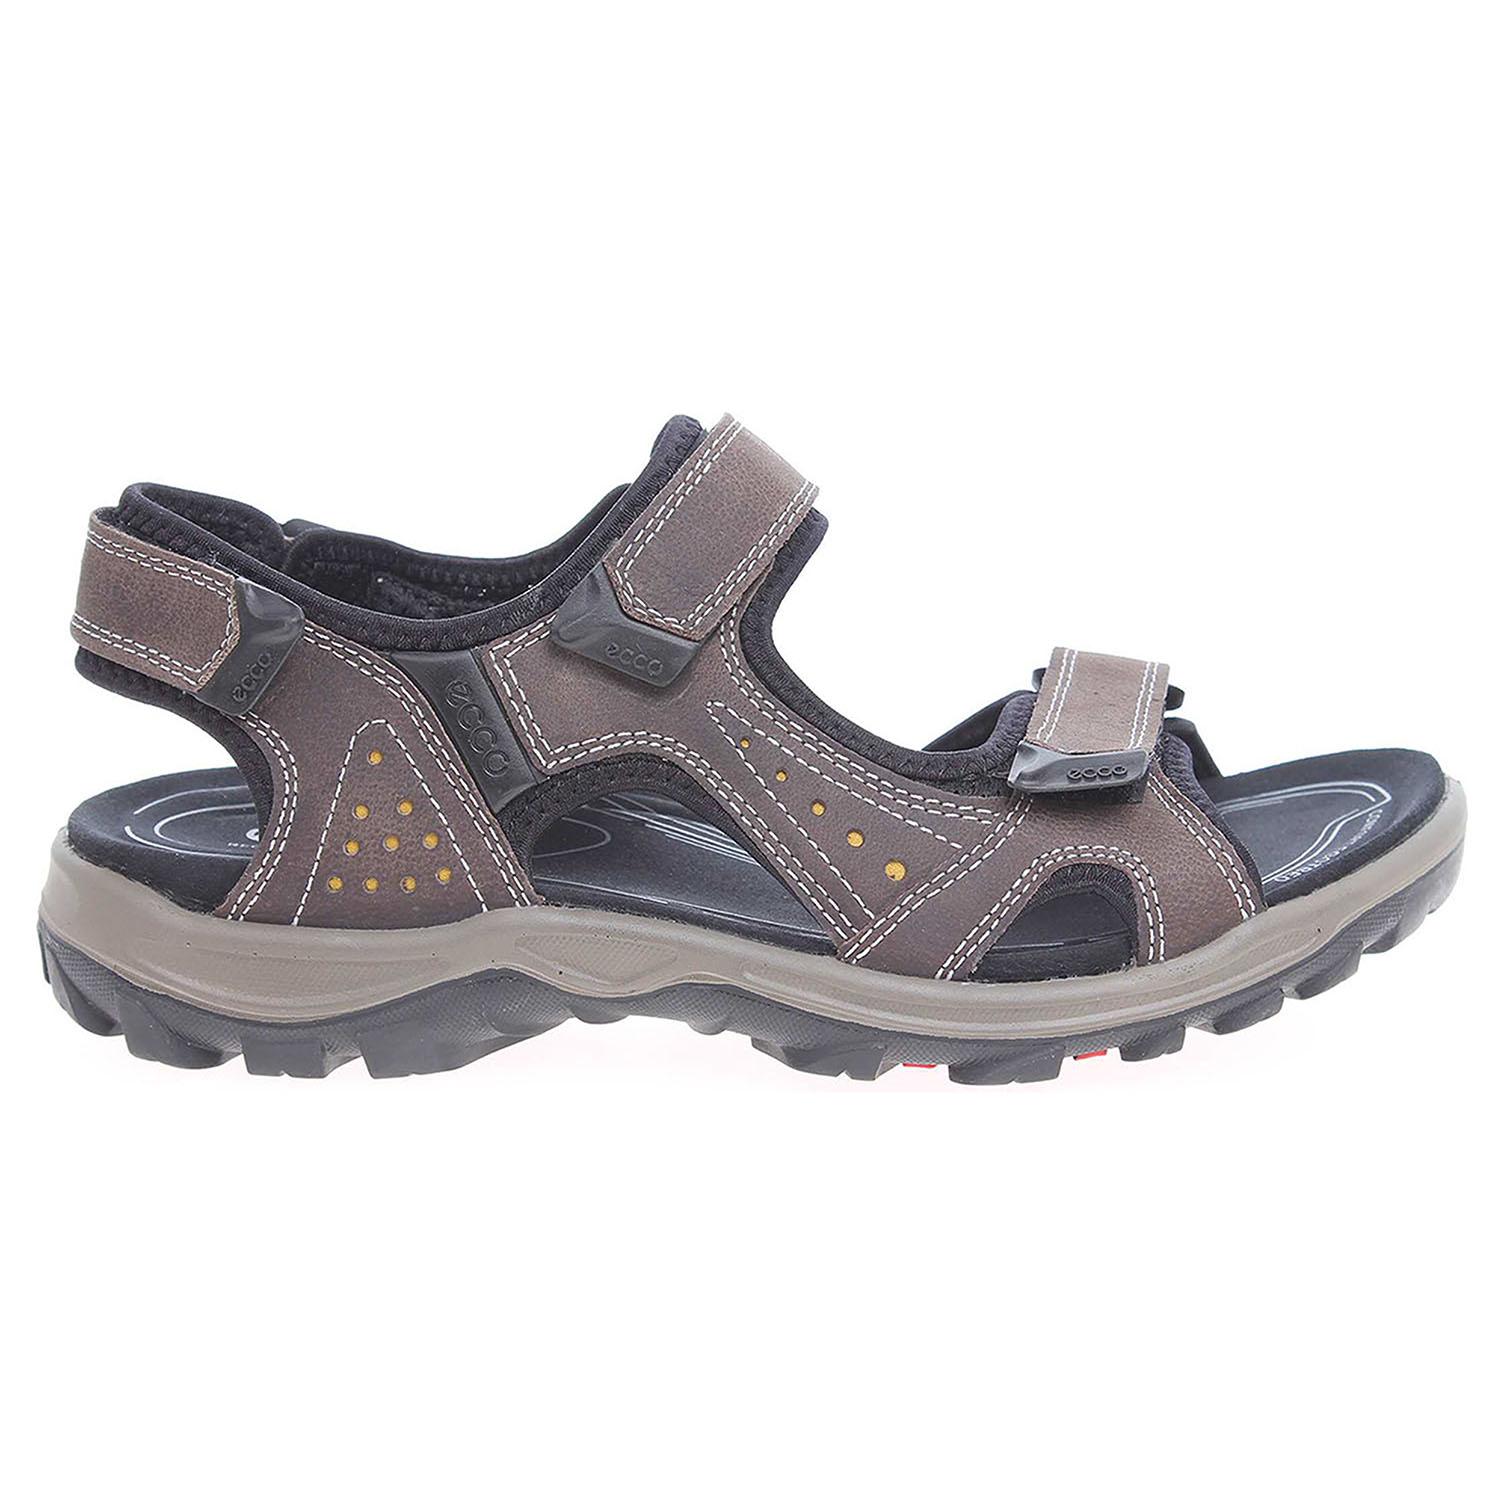 Ecco Ecco Offroad Lite pánské sandály 82002455886 šedé 24700239 2560258fe2